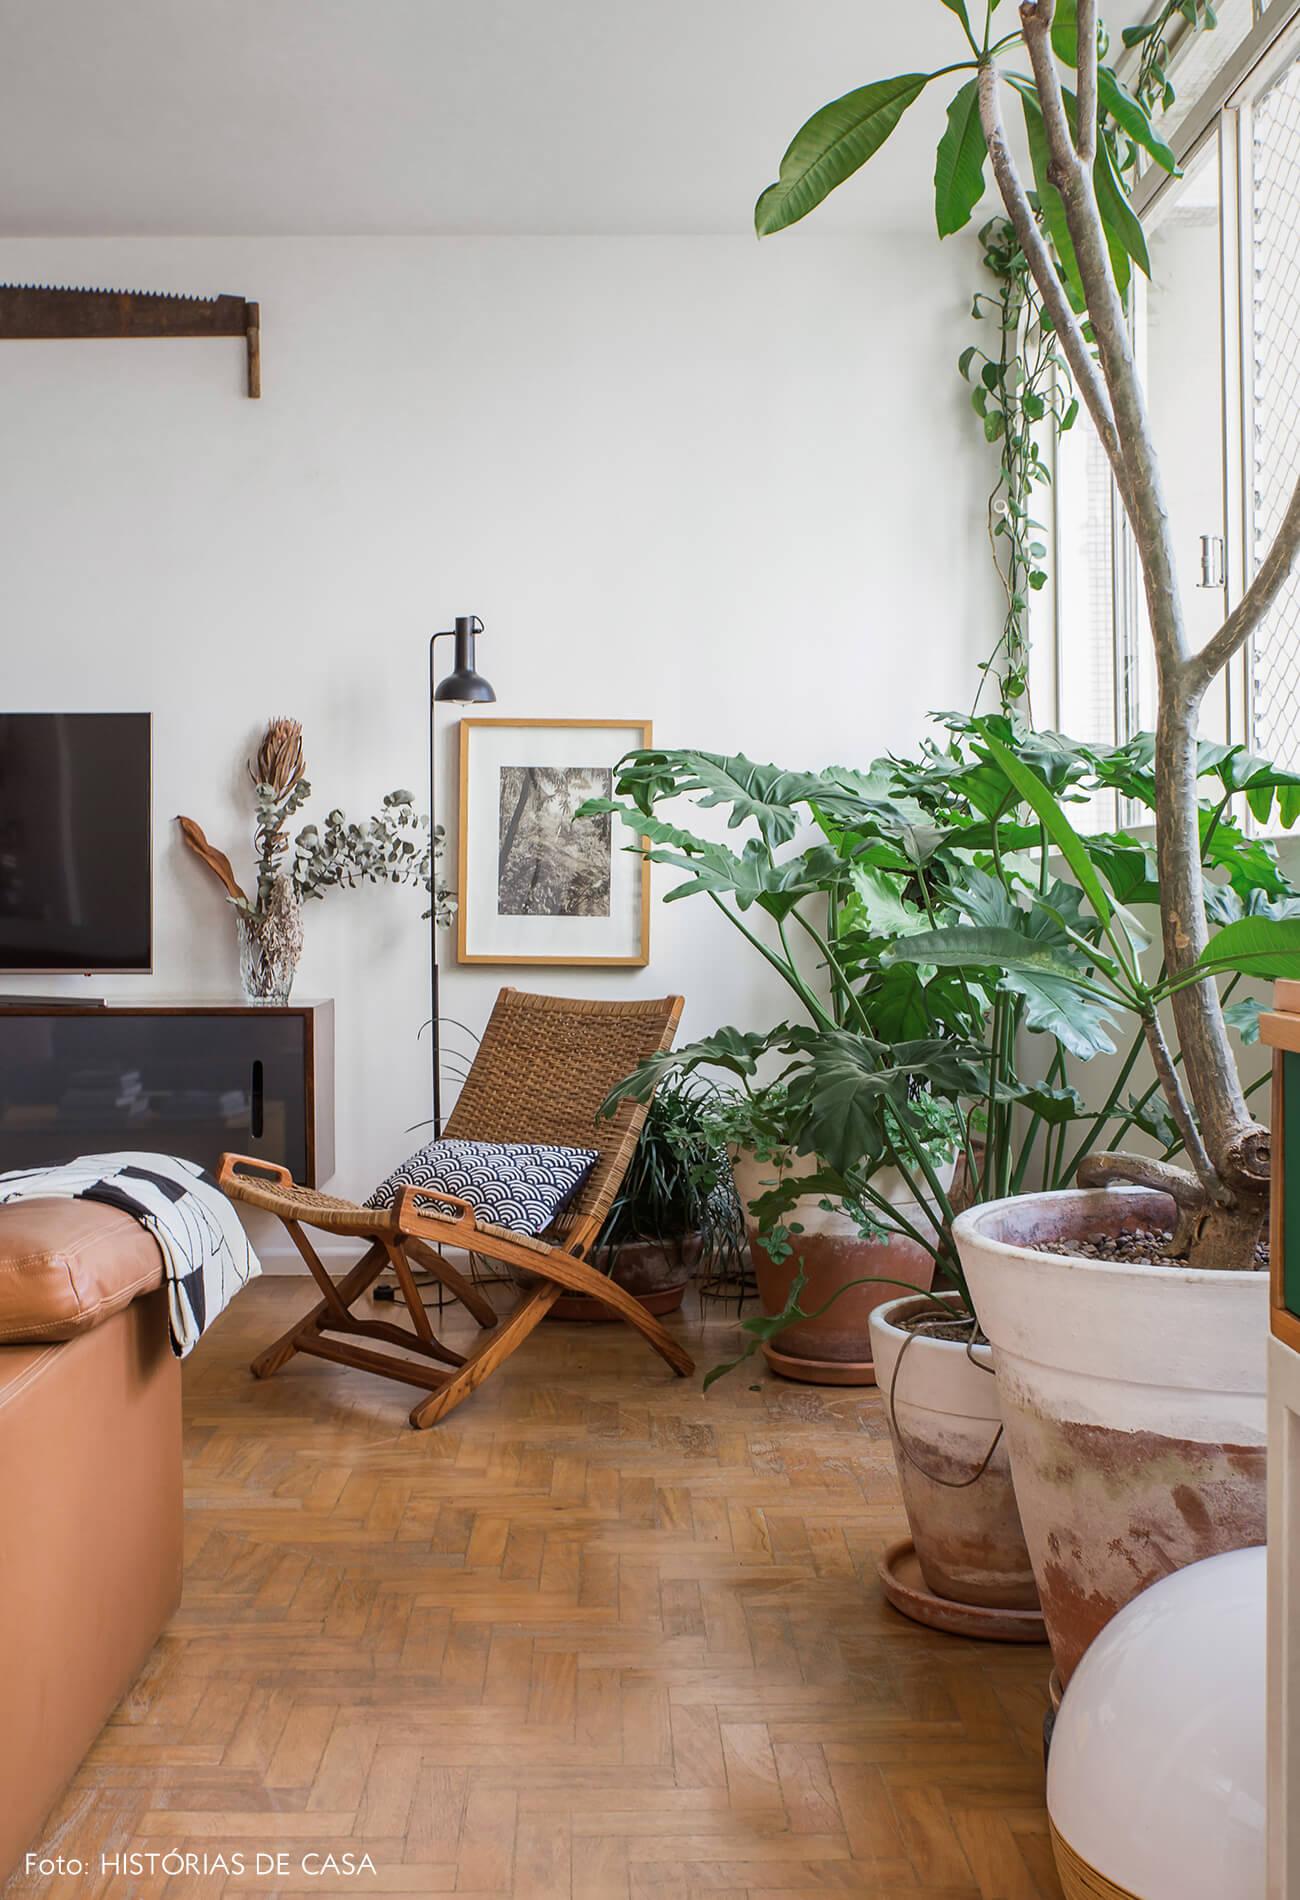 Apartamento com muitas plantas e piso de madeira